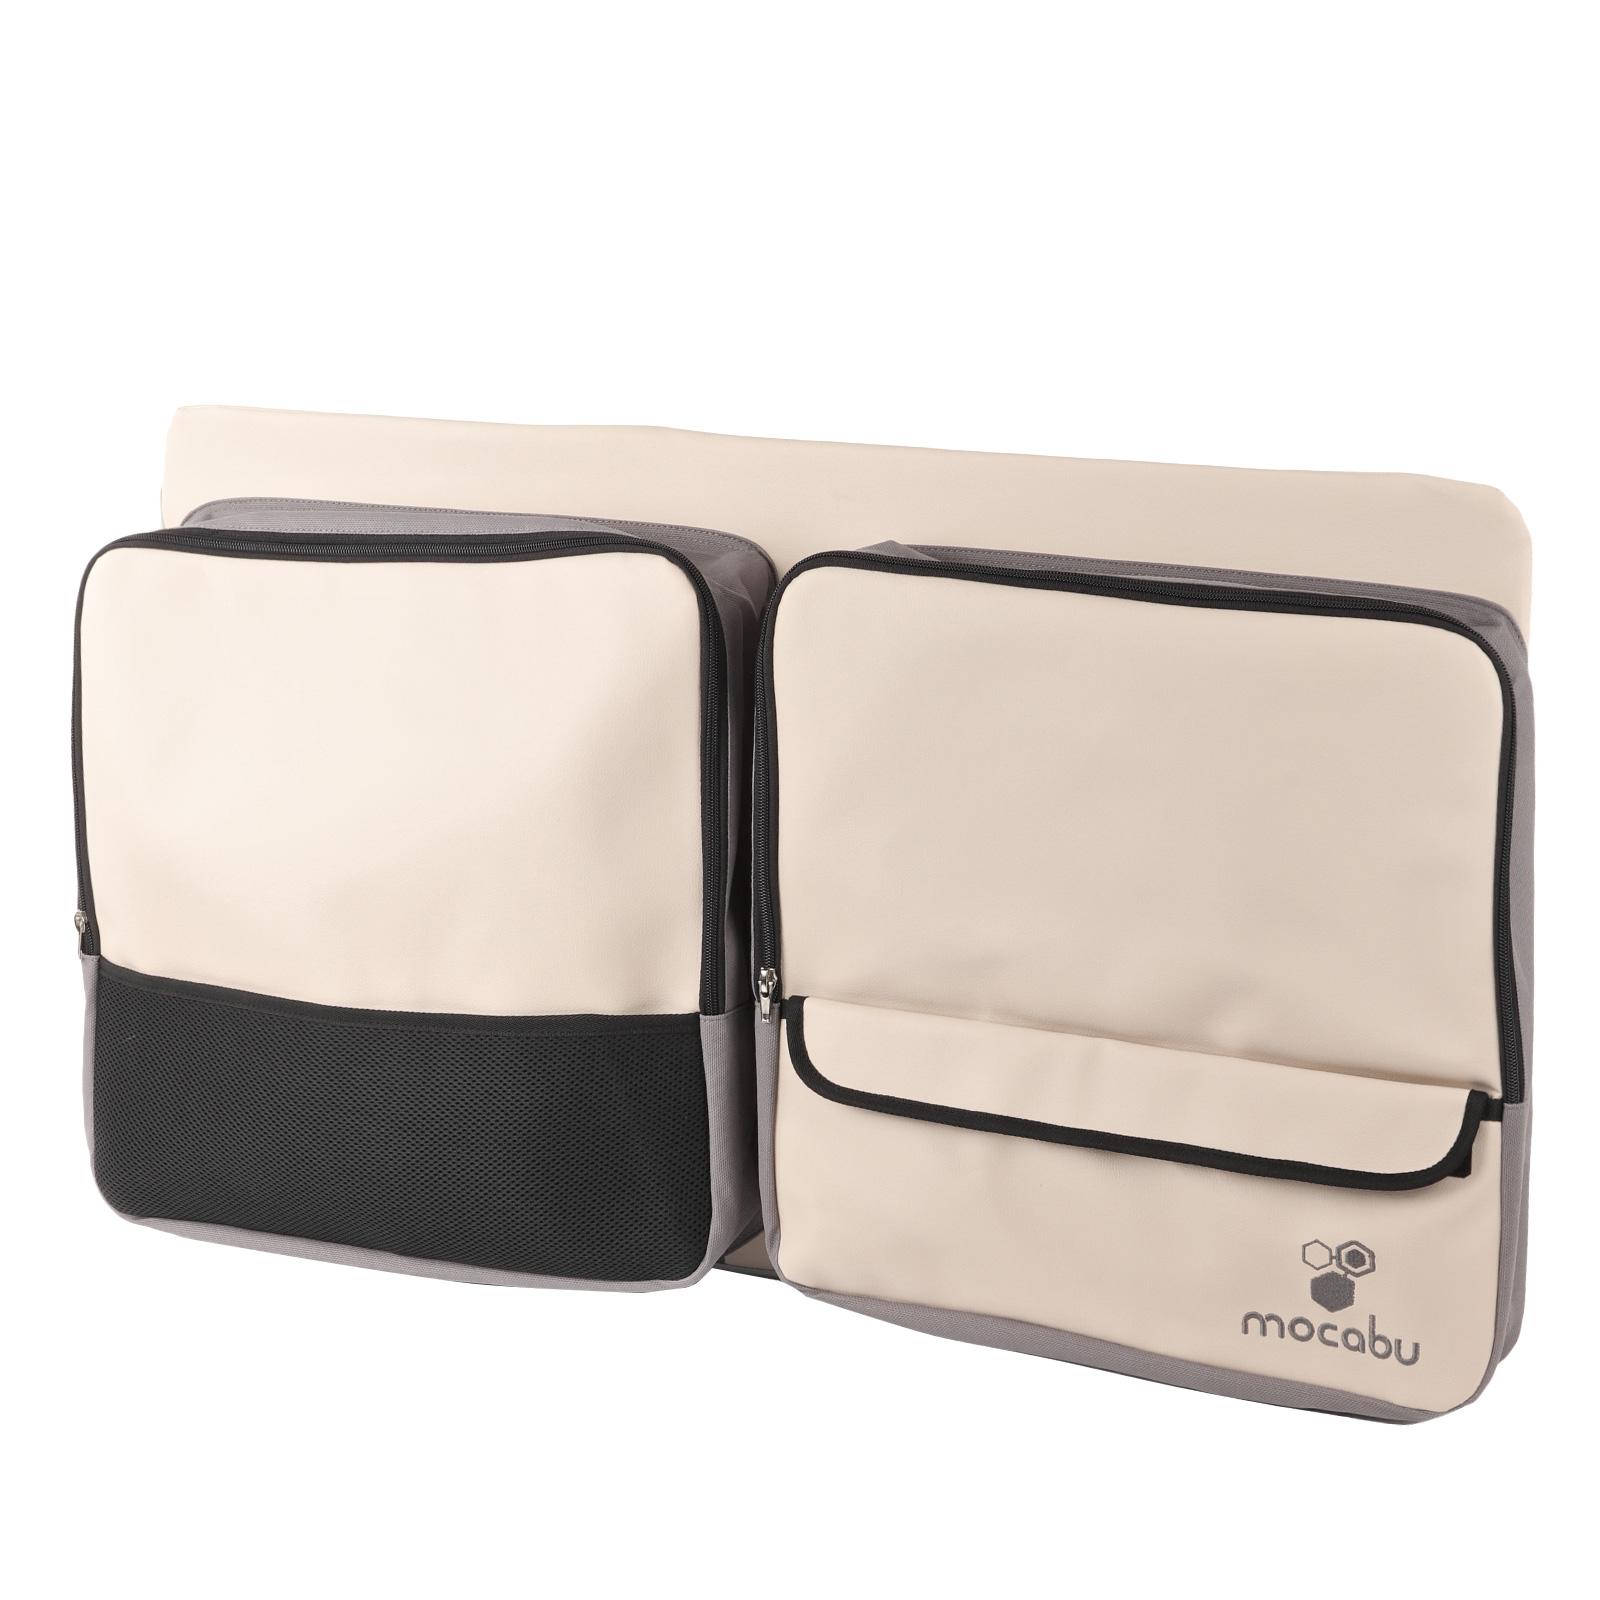 Fenstertasche Utensilientasche Leinenbeige passend für VW T5 T6 KR rechts